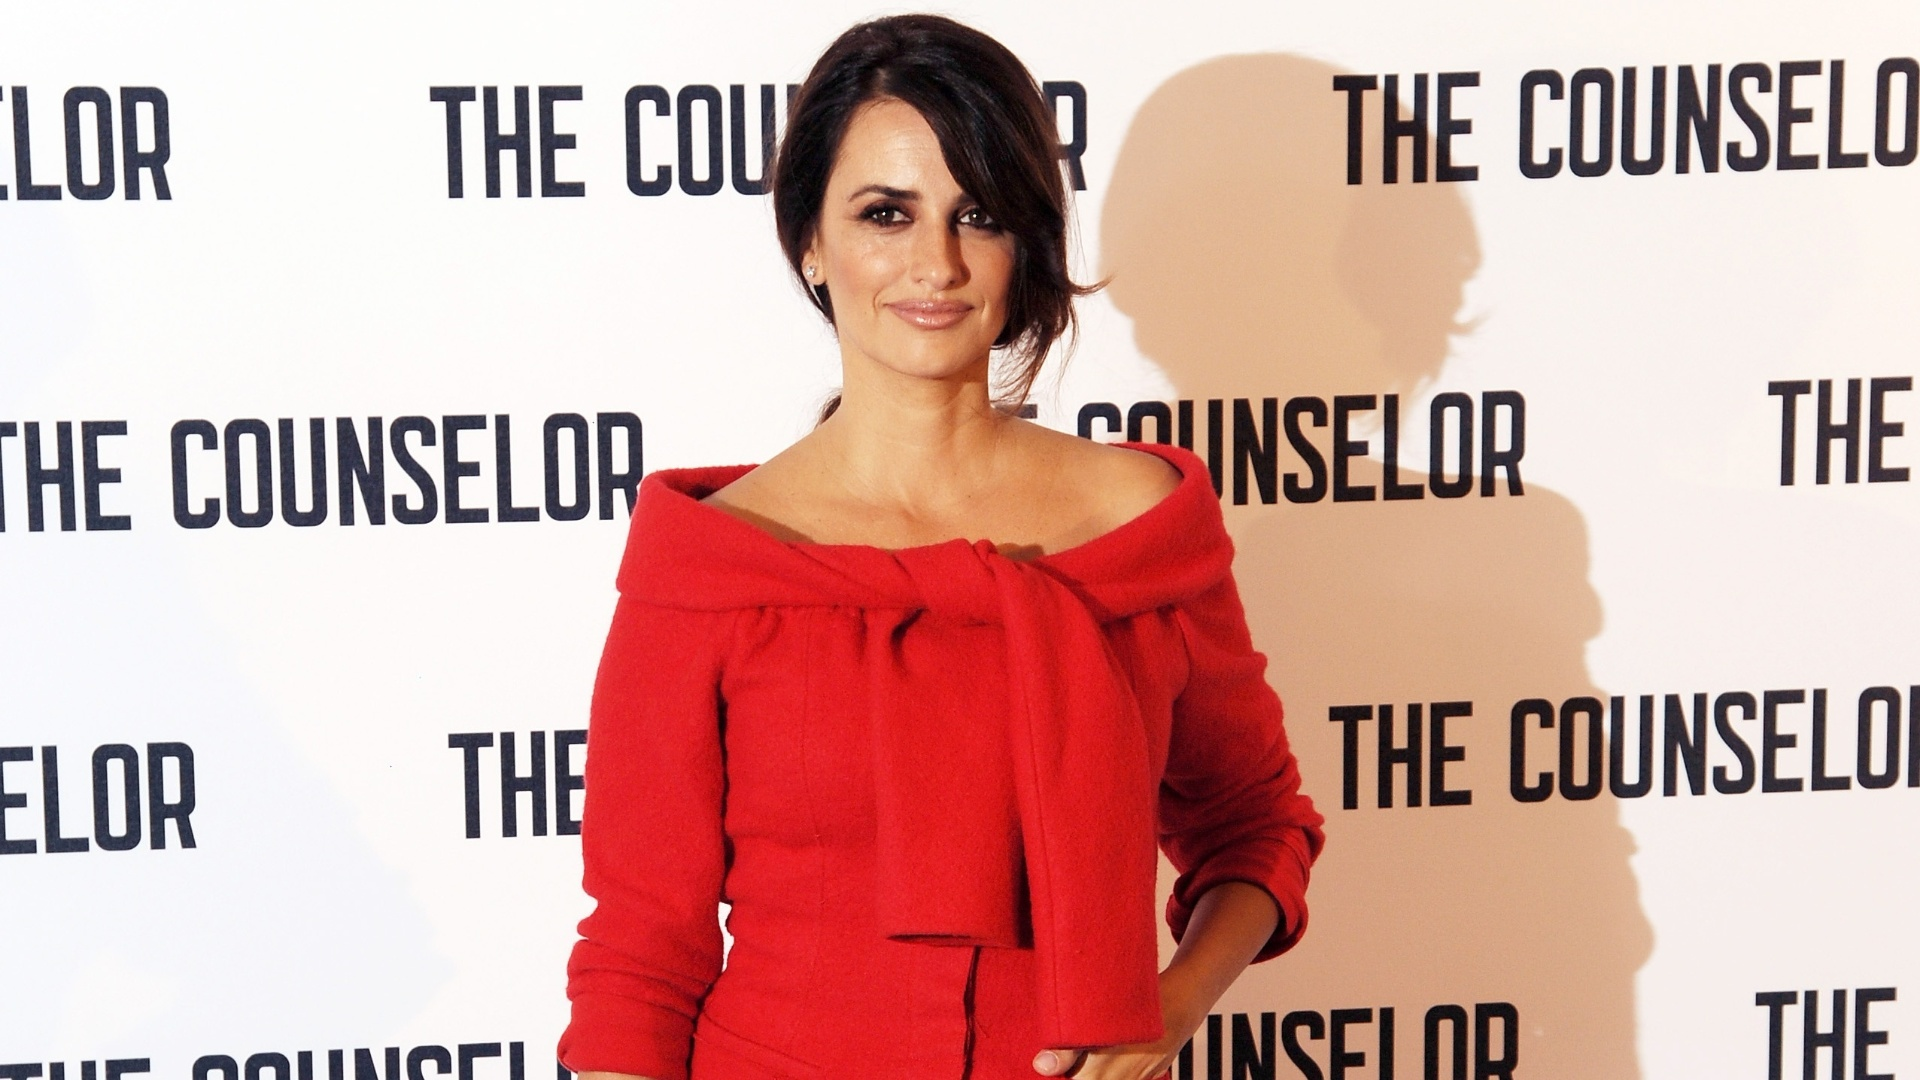 5.out.2013 - Apenas dois meses após dar a luz ao segundo filho, Penélope Cruz apareceu em plena forma no lançamento do filme